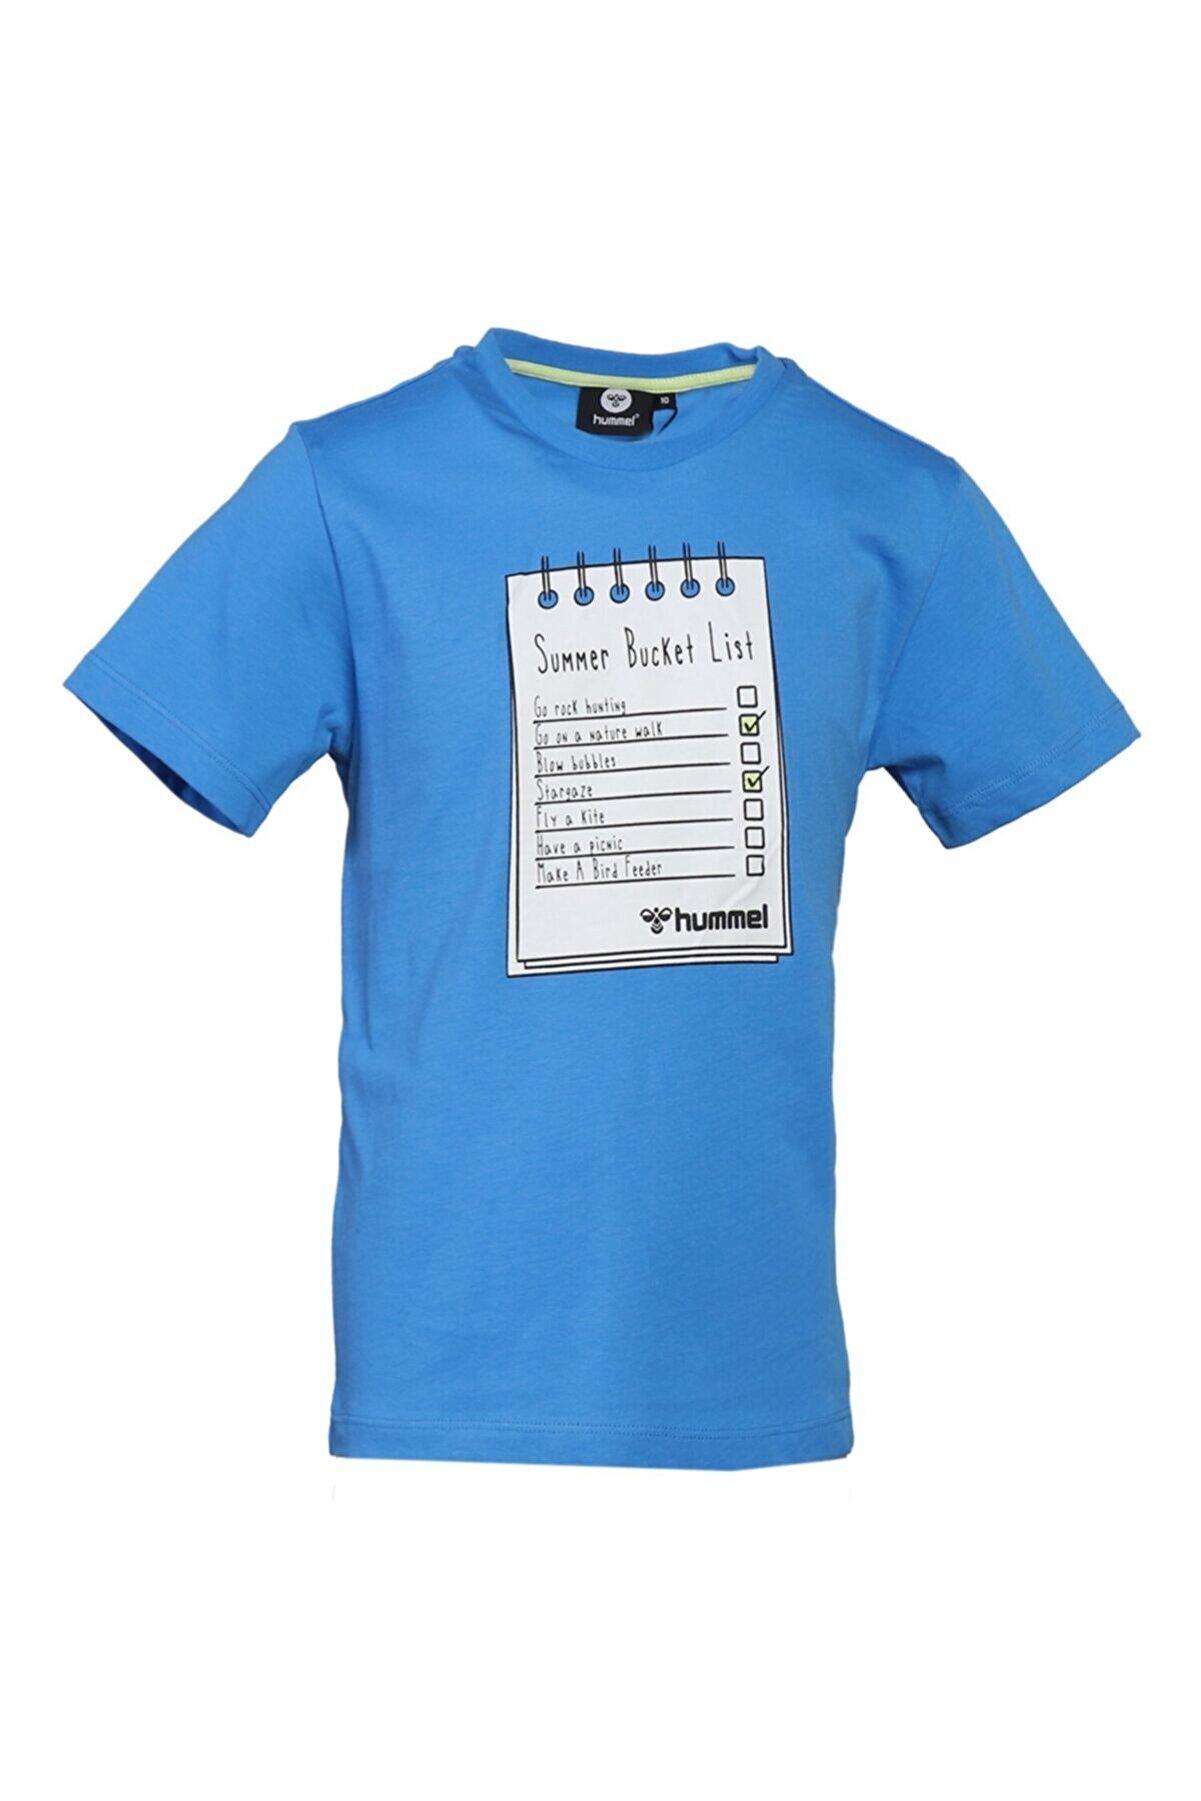 HUMMEL HMLBUCKET T-SHIRT Mavi Erkek Çocuk T-Shirt 101086295